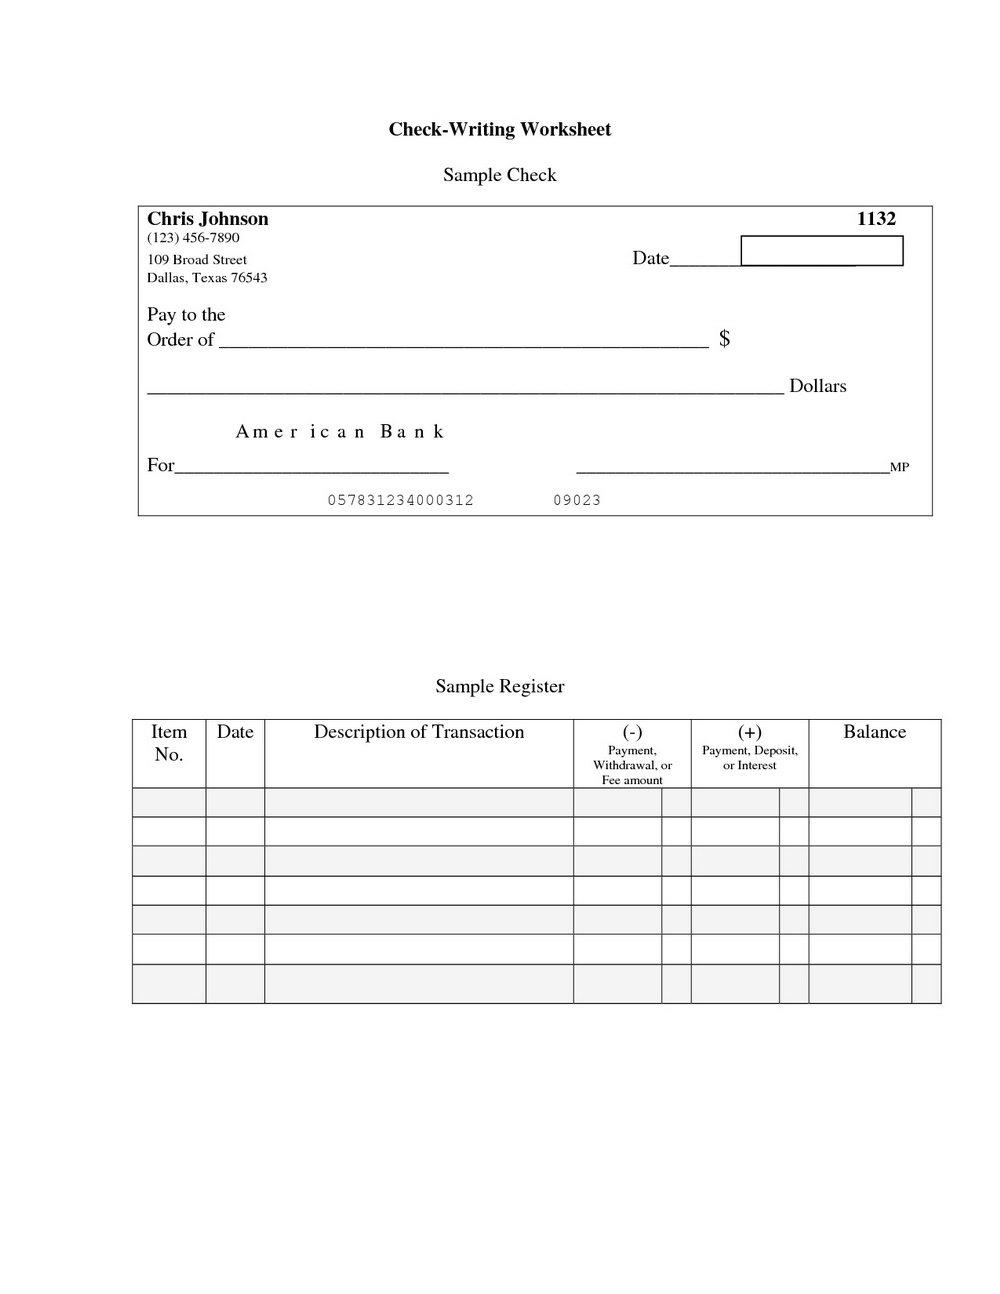 Blank Checks Worksheet